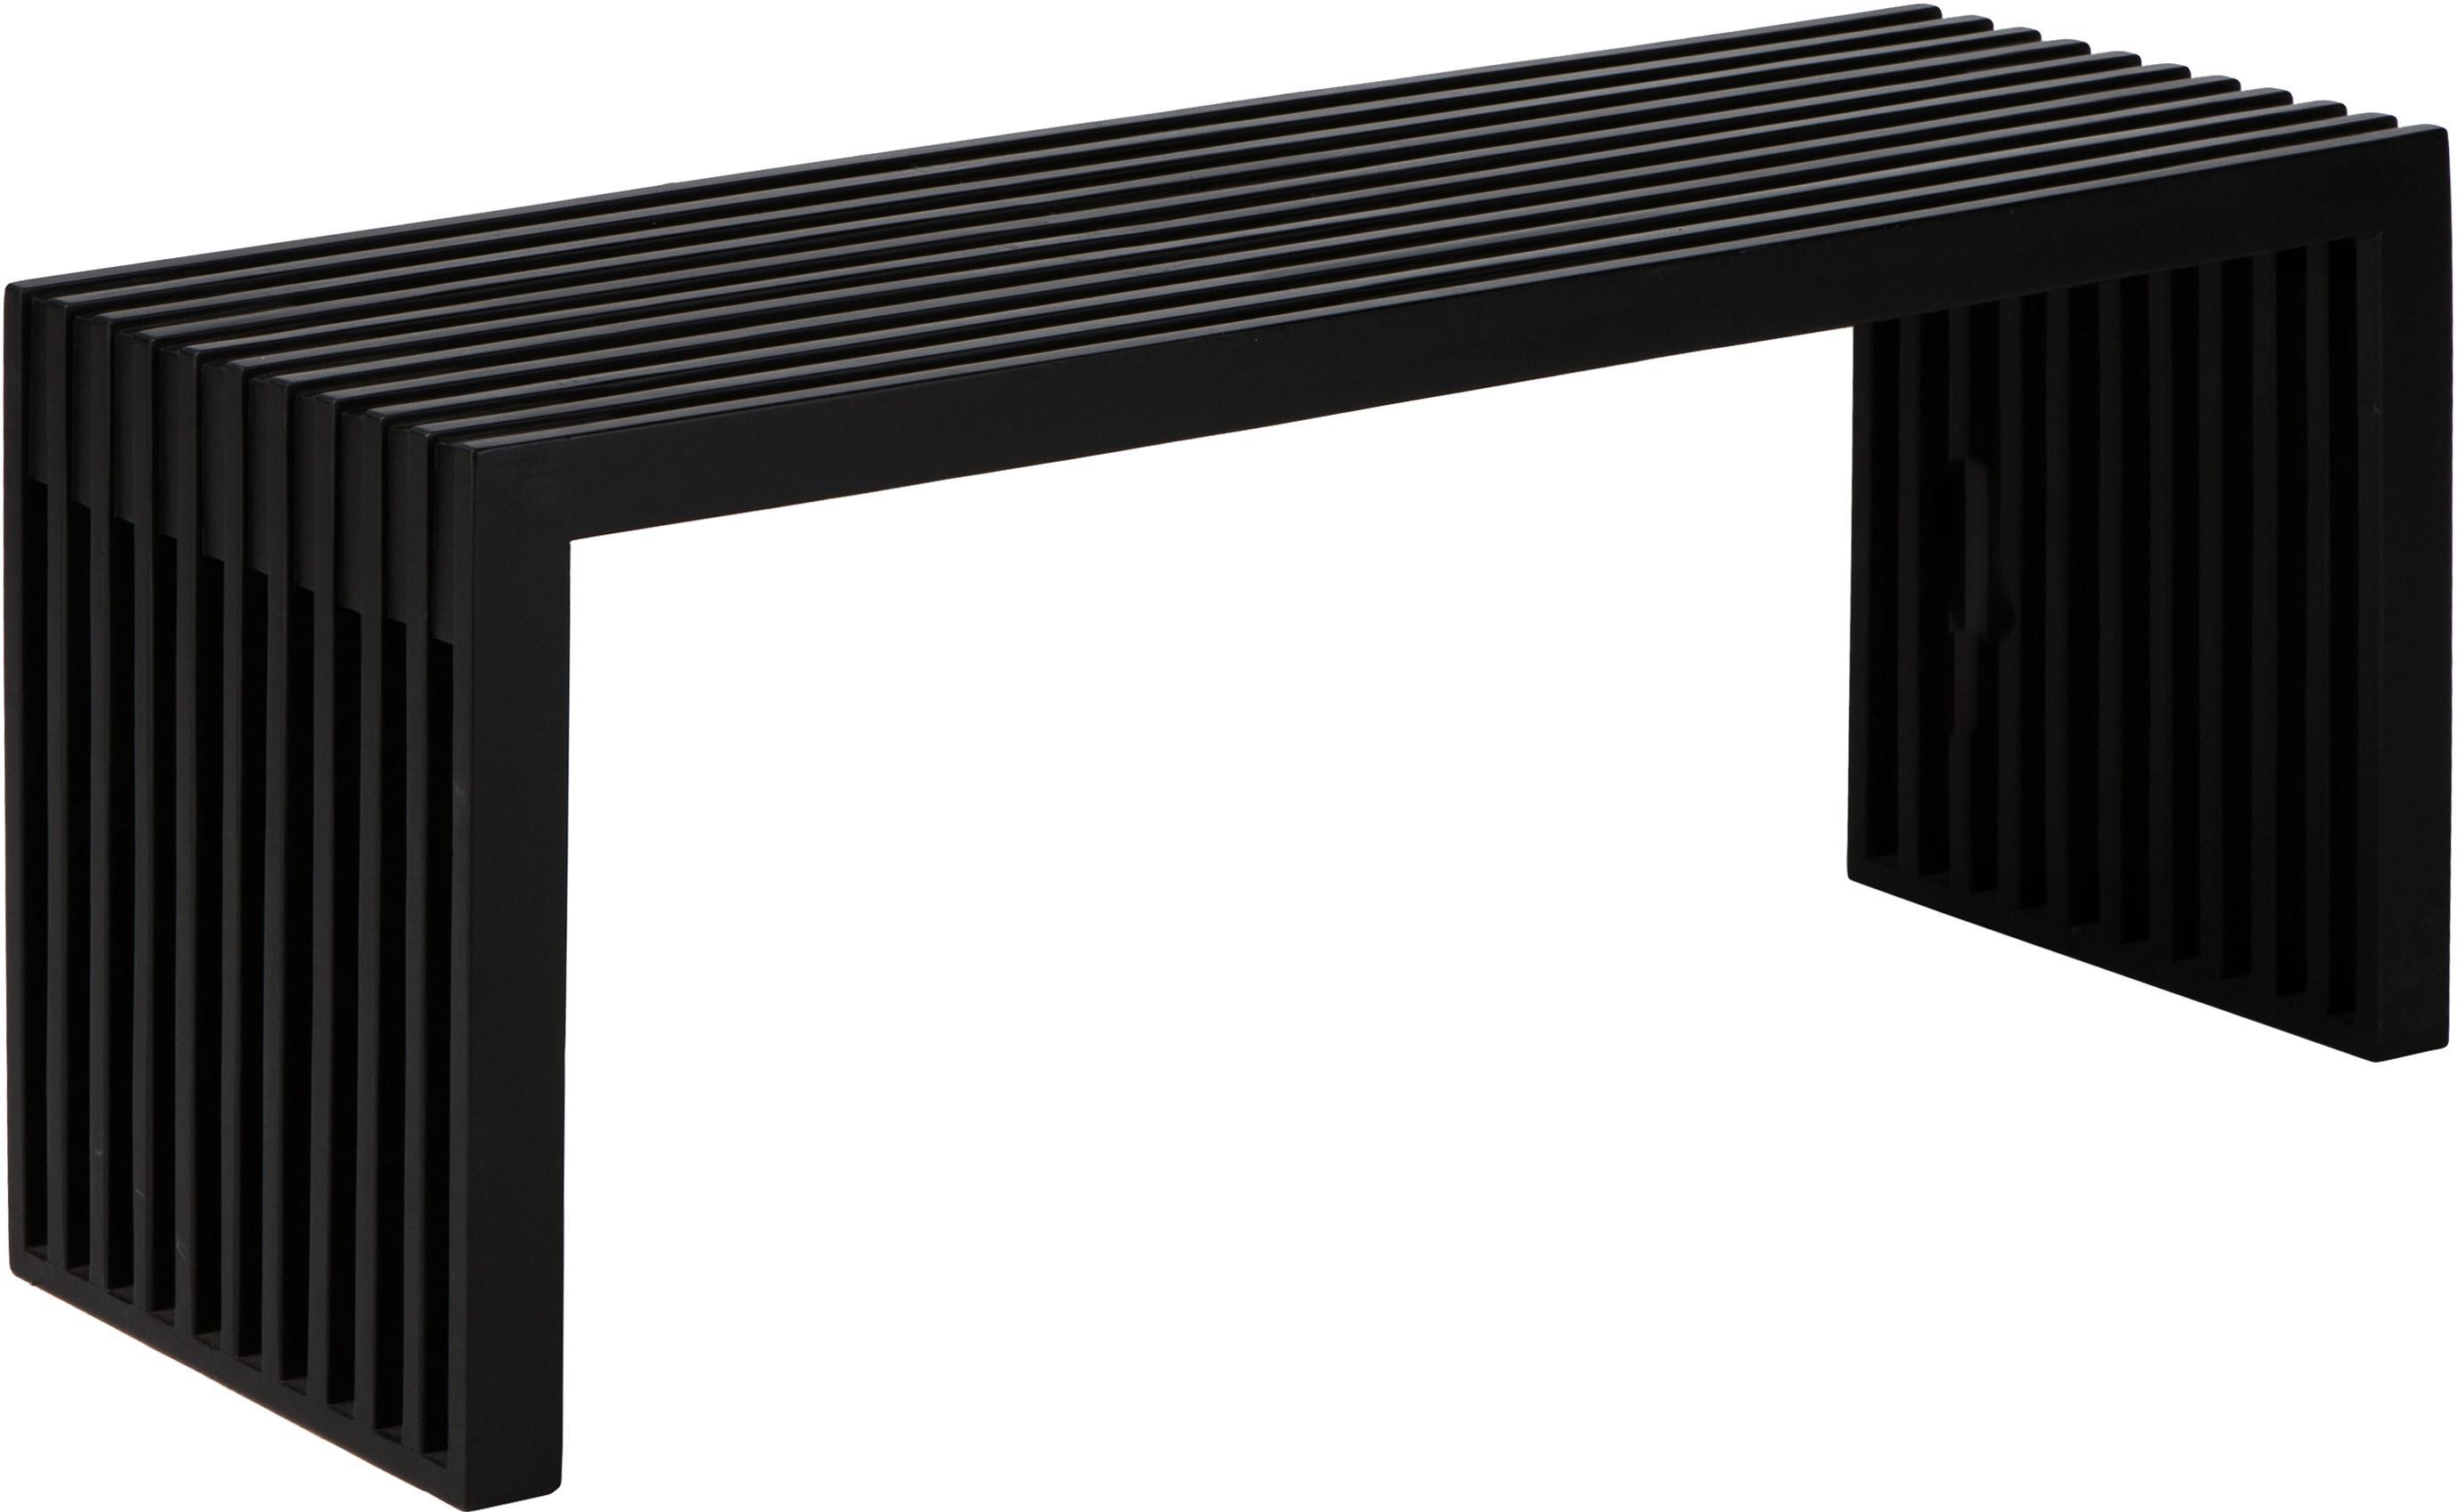 Banco de caoba Rib, estilo moderno, Madera de caoba pintada, Negro, An 104 x Al 43 cm